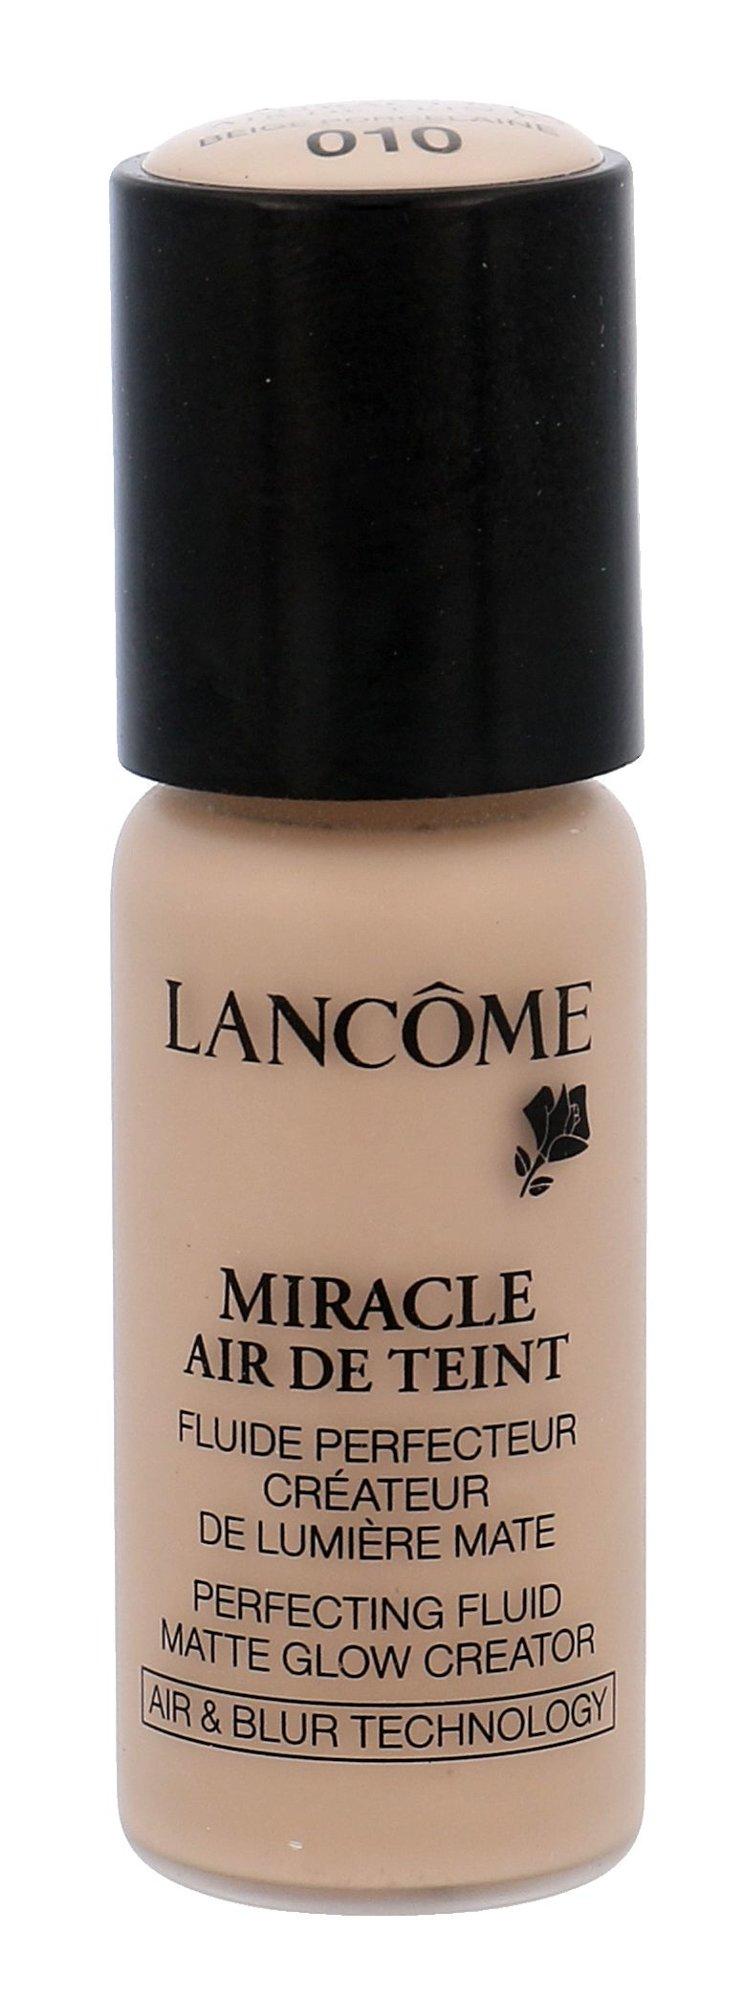 Lancôme Miracle Air De Teint Makeup 10ml 010 Beige Porcelaine